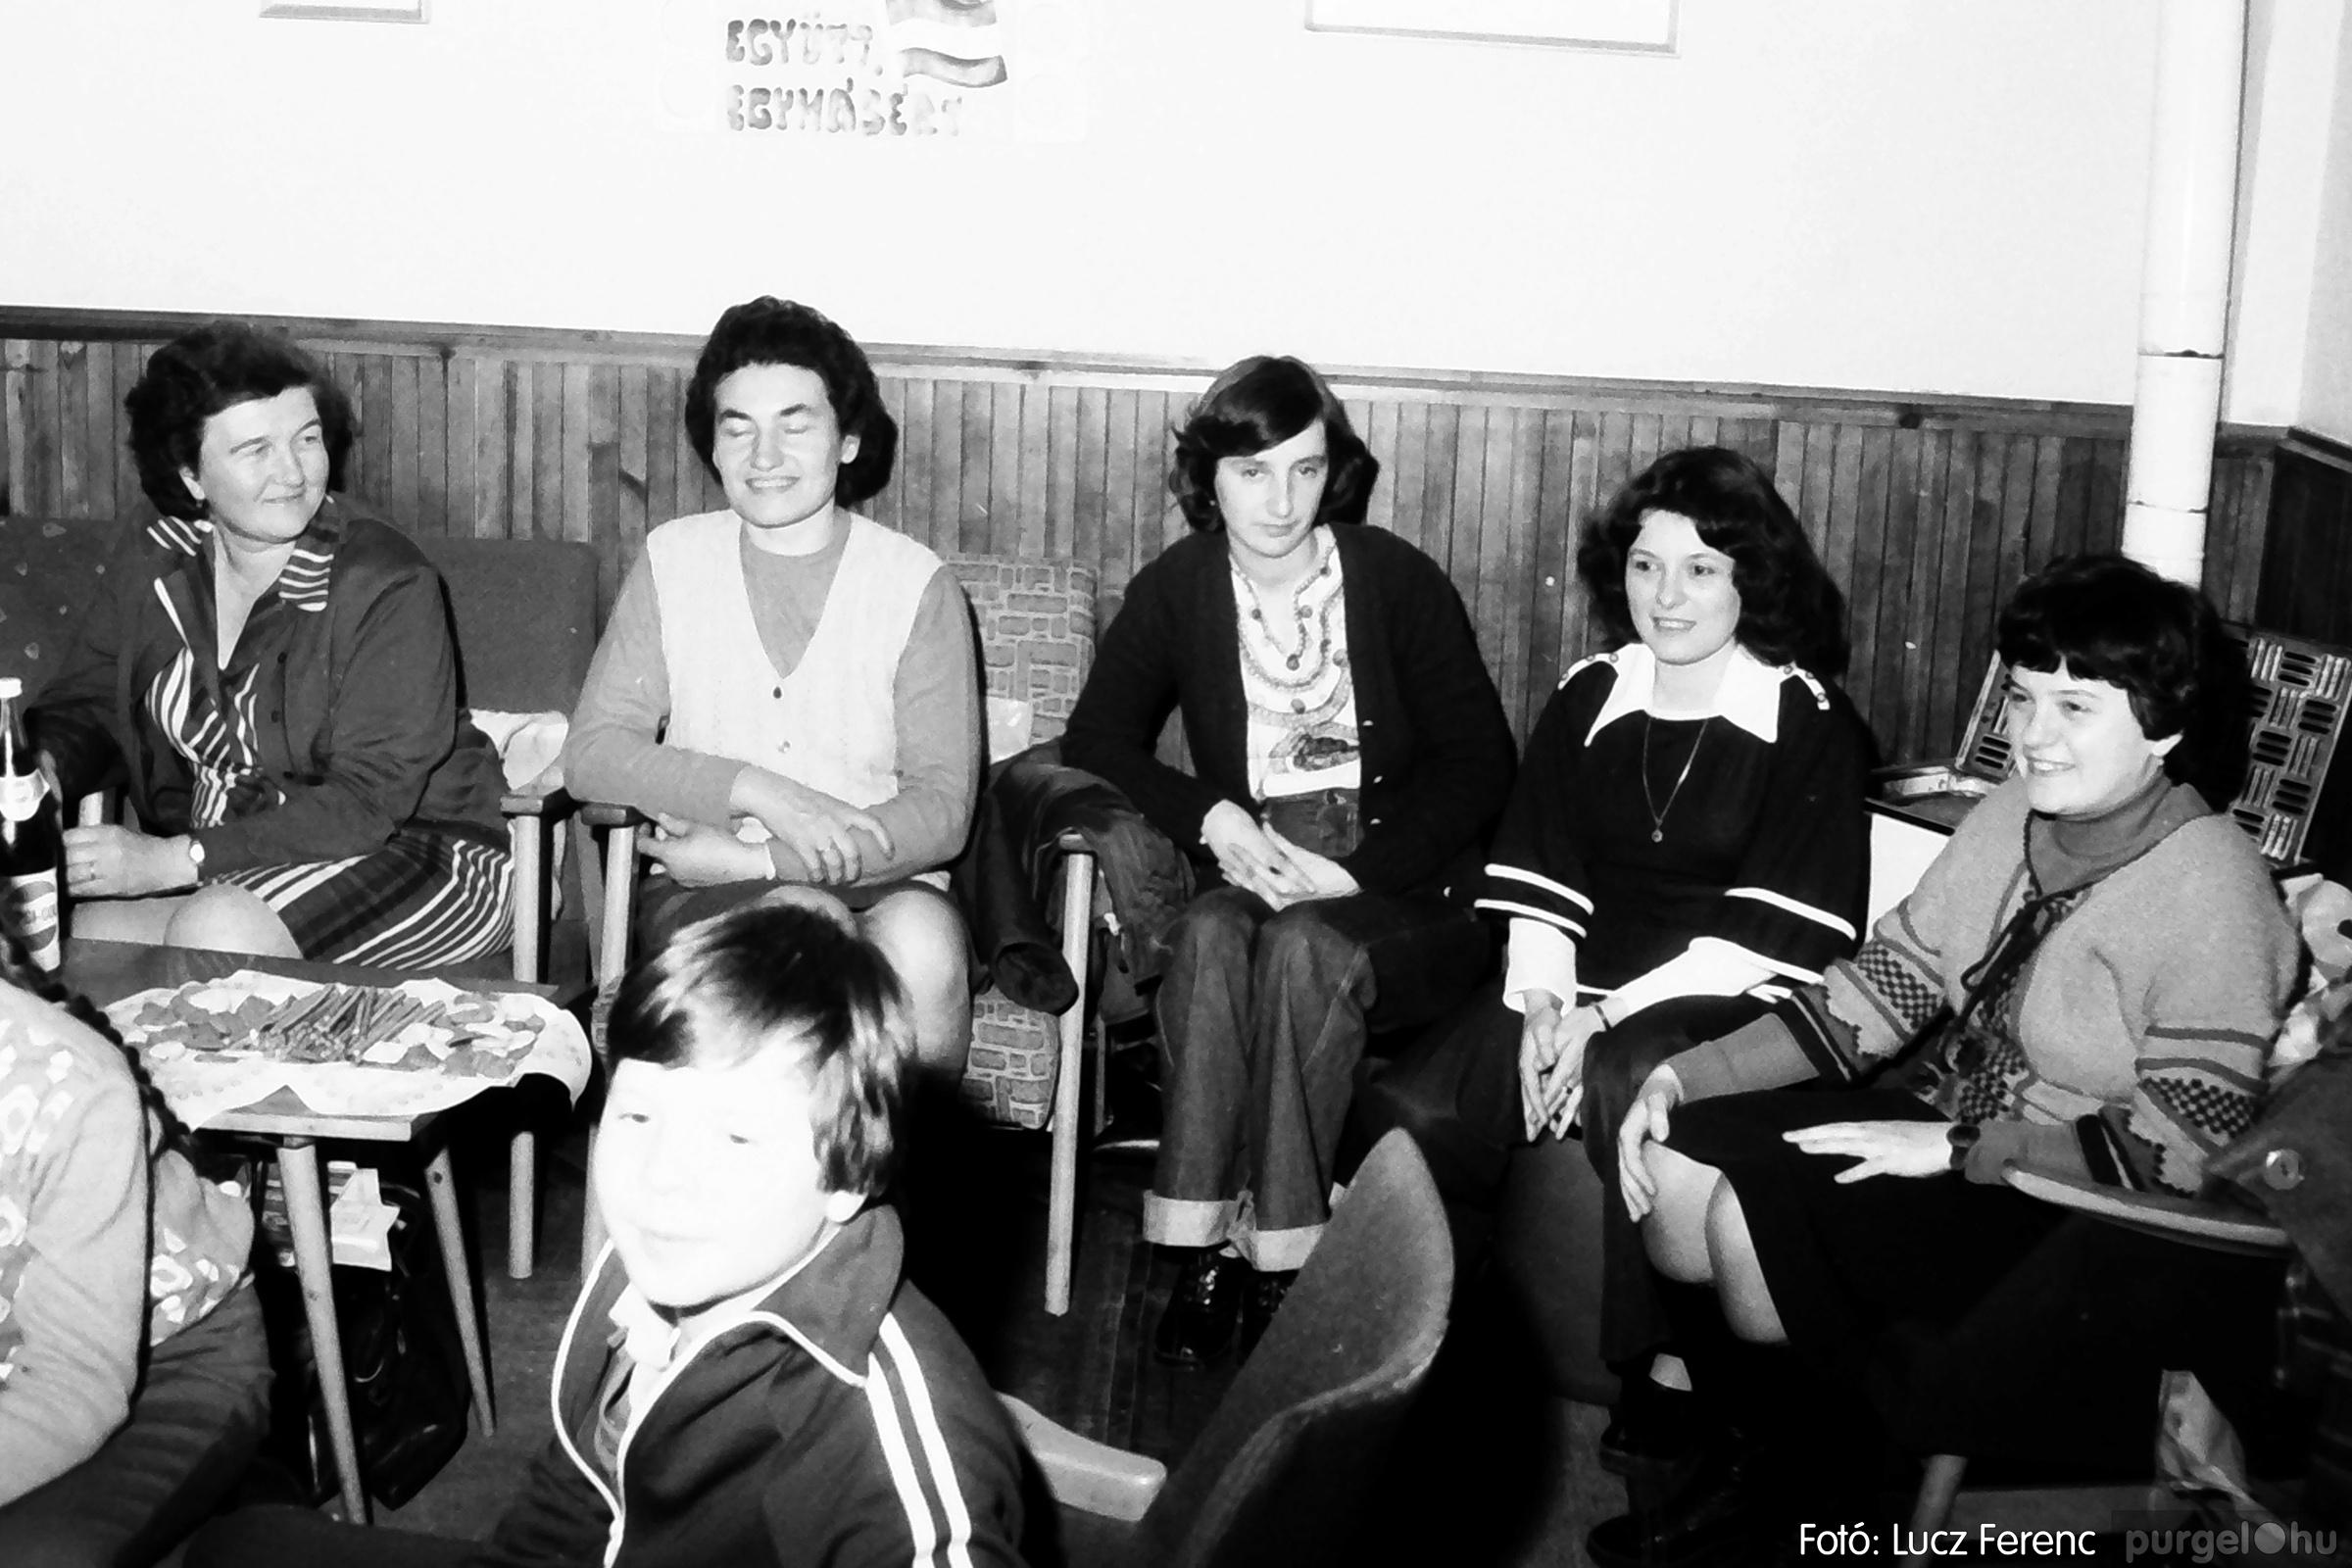 096. 1977. Karácsonyi összejövetel a kultúrházban 011. - Fotó: Lucz Ferenc.jpg